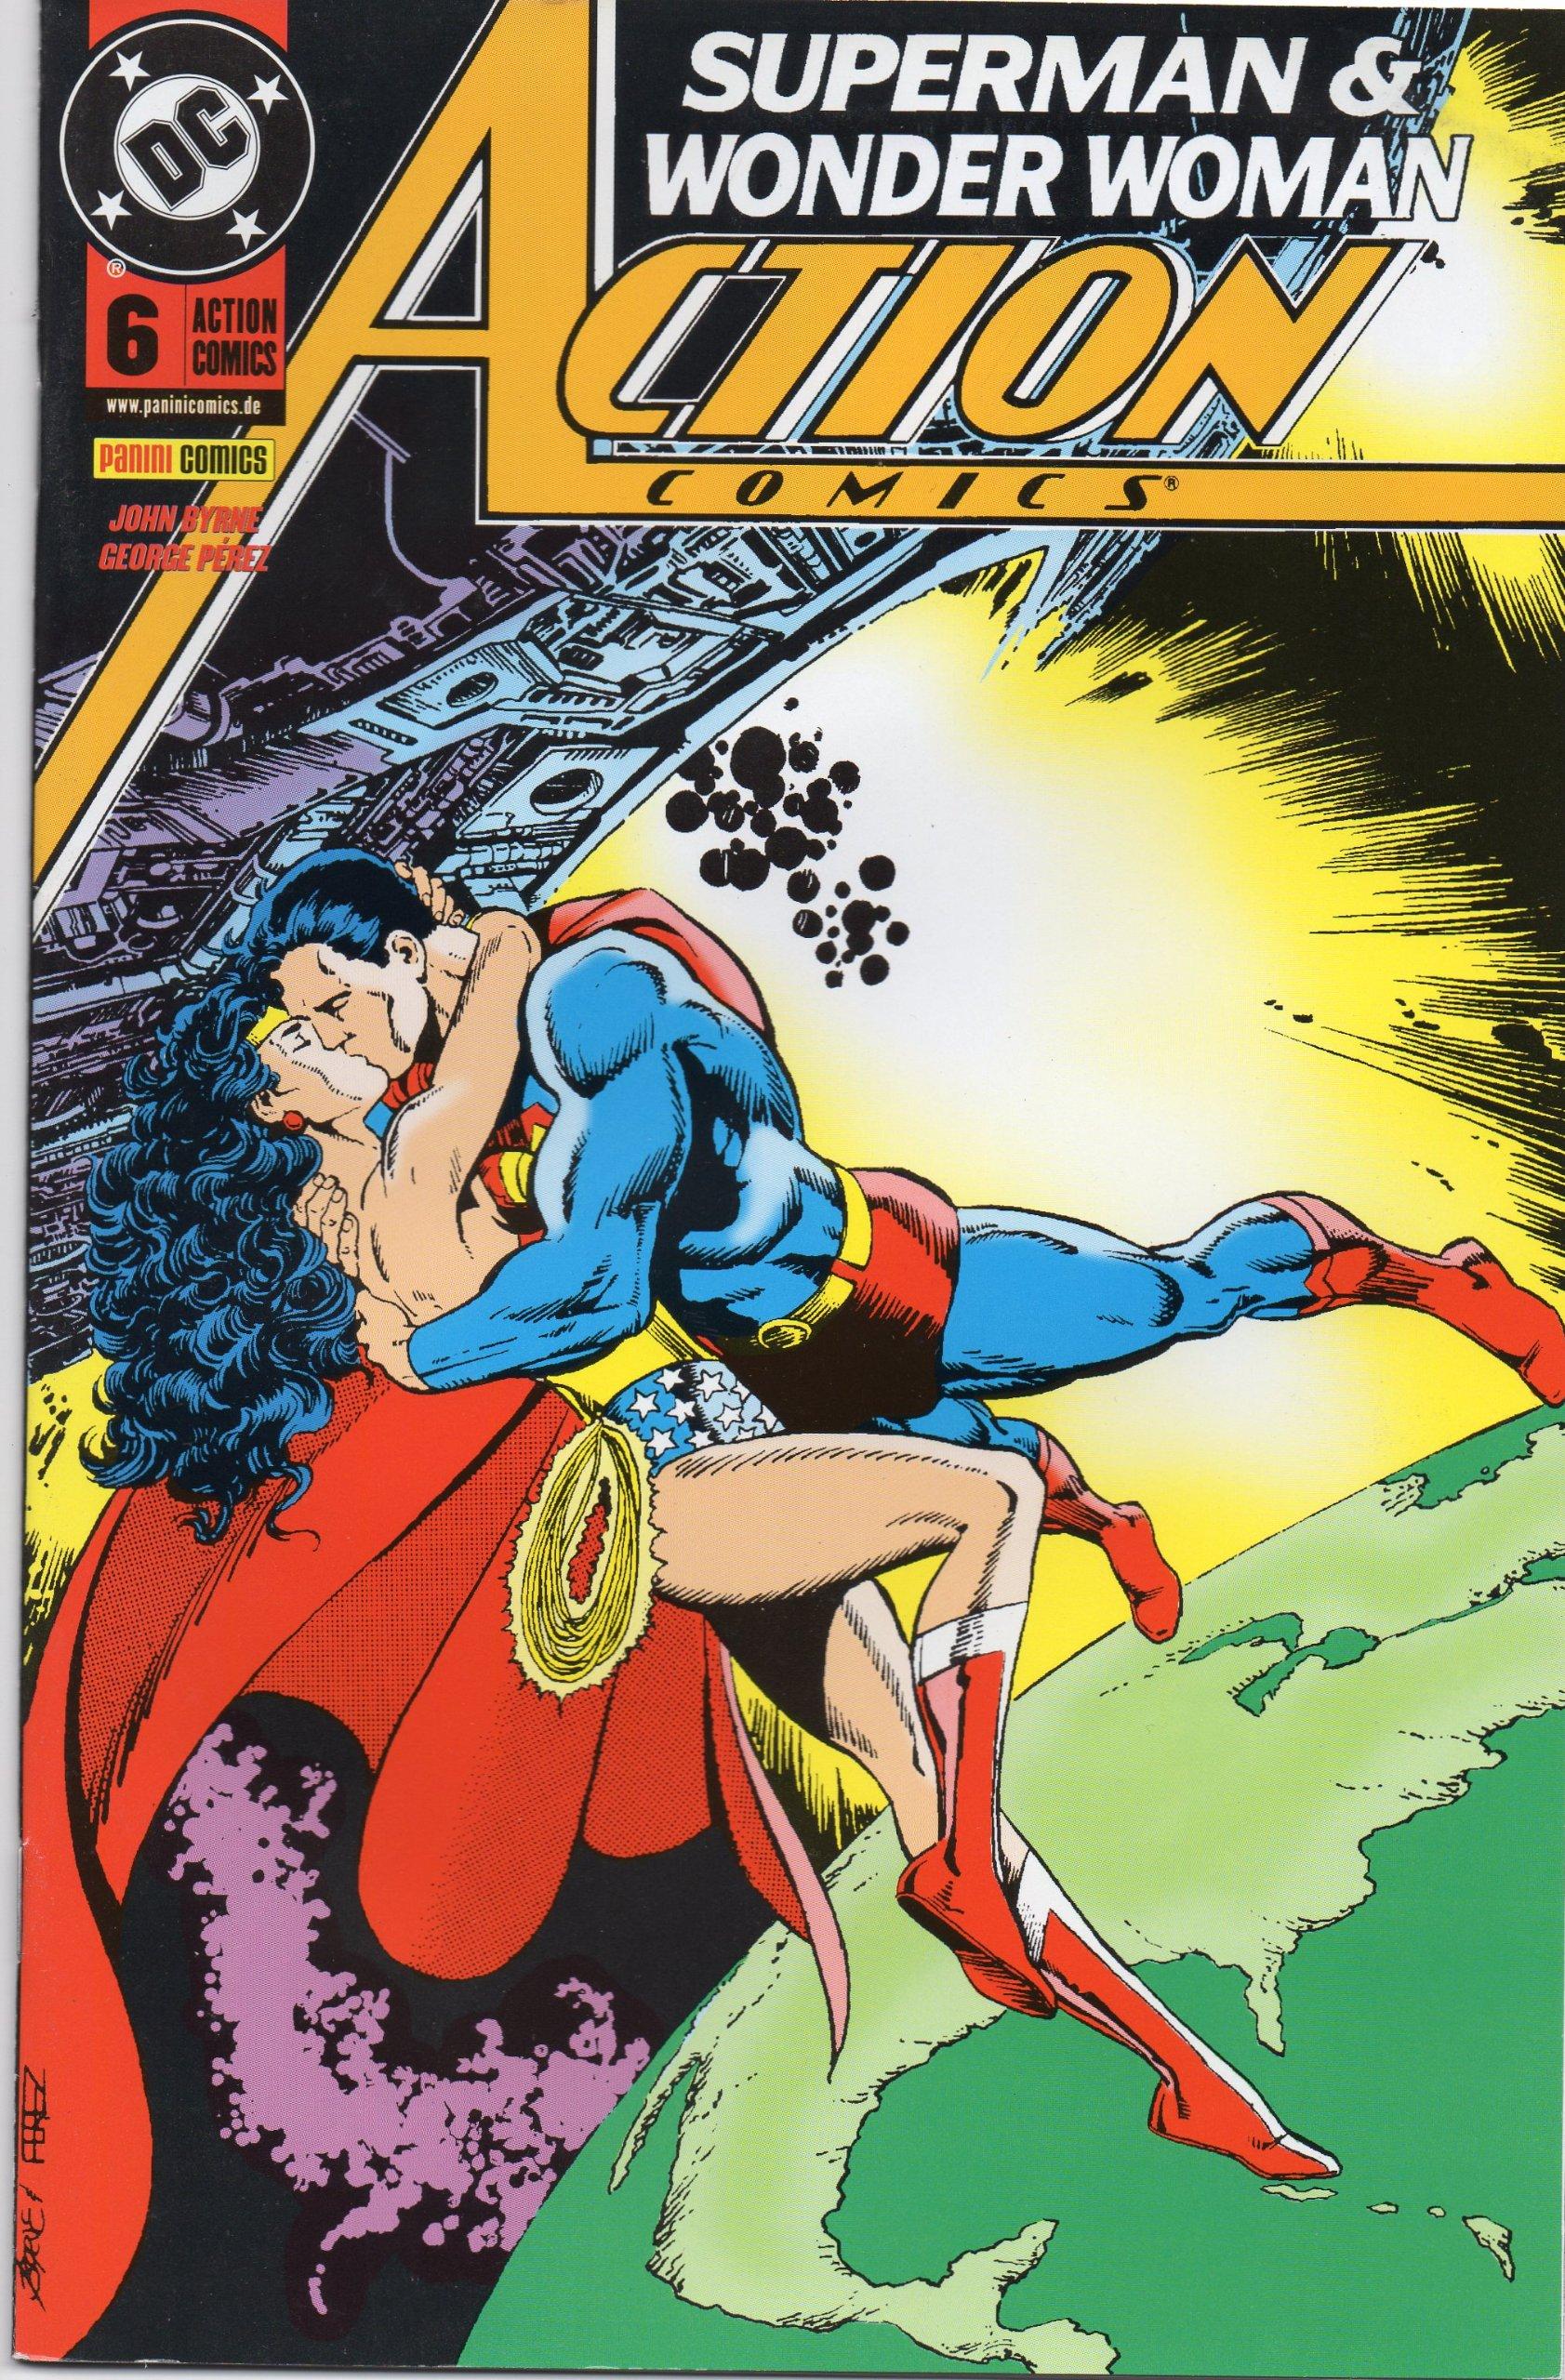 Action Comics #6 - Superman & Wonder Woman (2002, Panini) Comic – 2002 John Byrne Panini Verlag B008A59E04 Belletristik - Comic